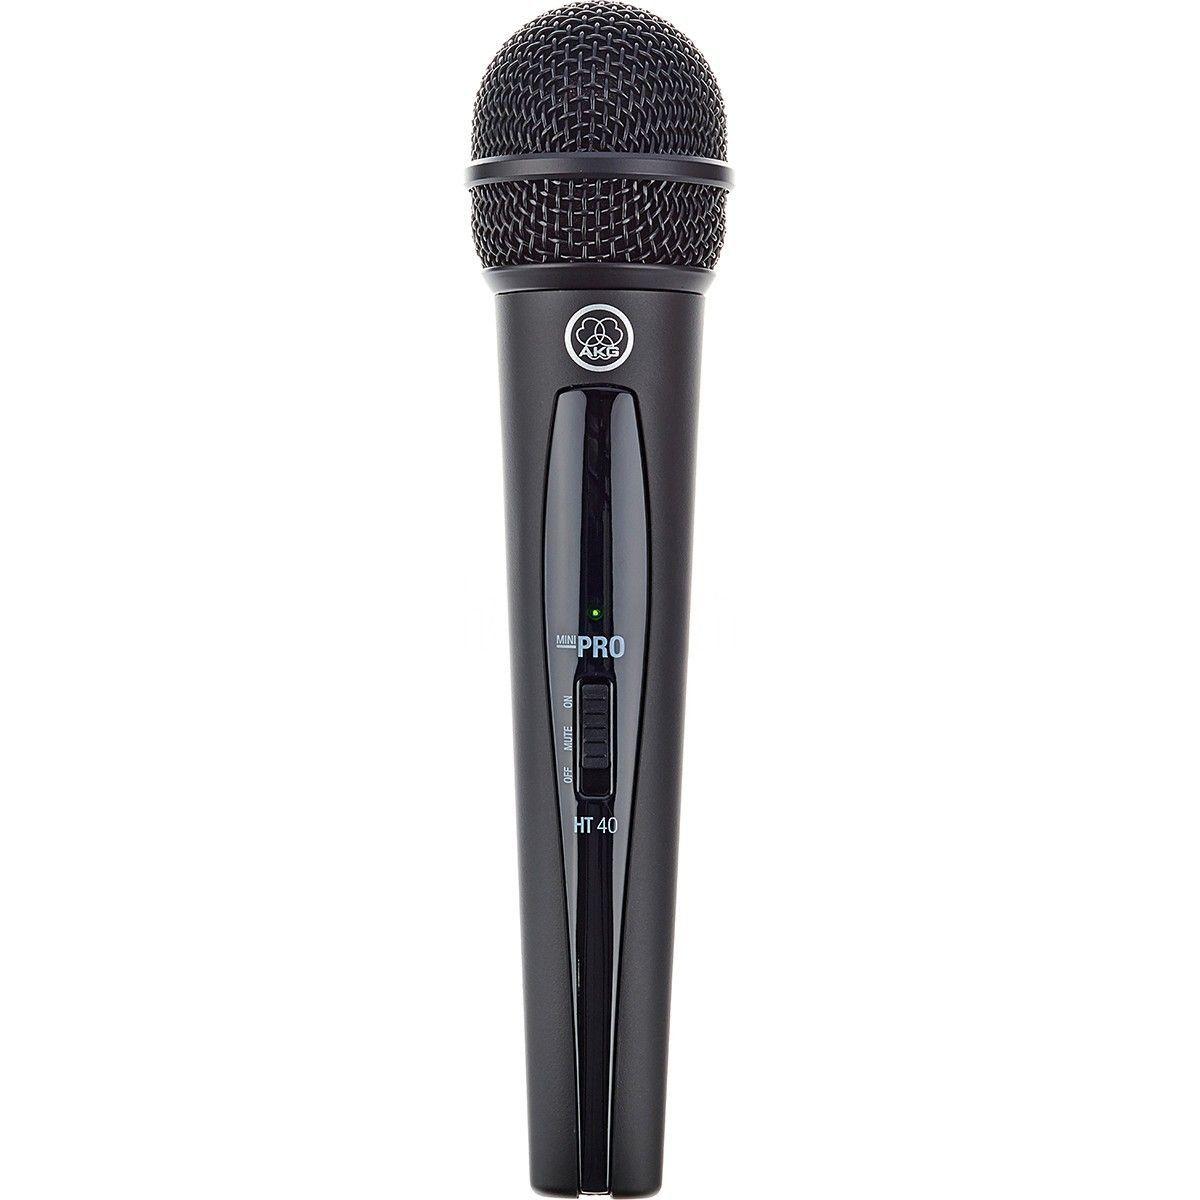 Usado - Akg WMS40 Mini Single Vocal Set Microfone Sem Fio Akg WMS-40 Mini Single Vocal Set